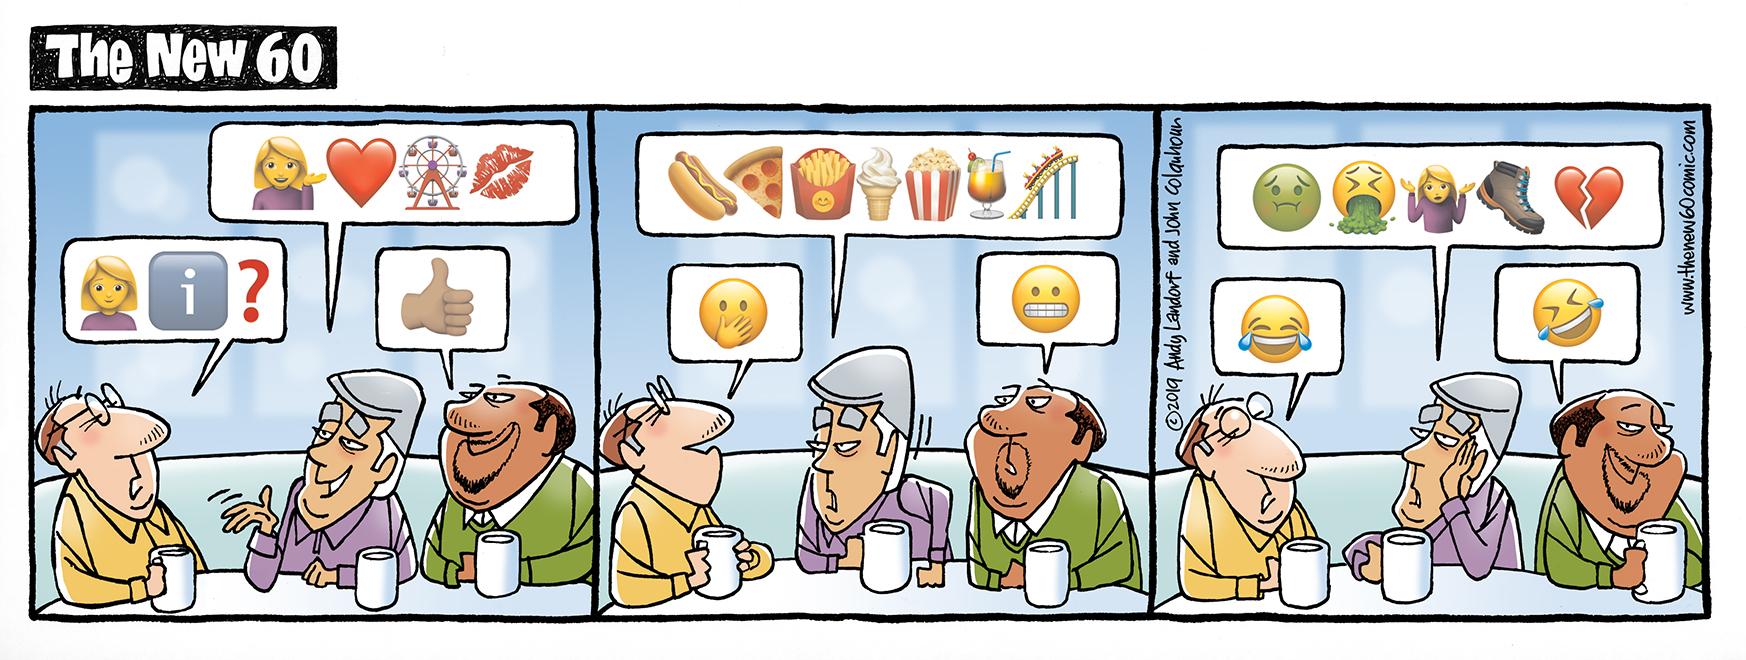 Emoji Story.jpg